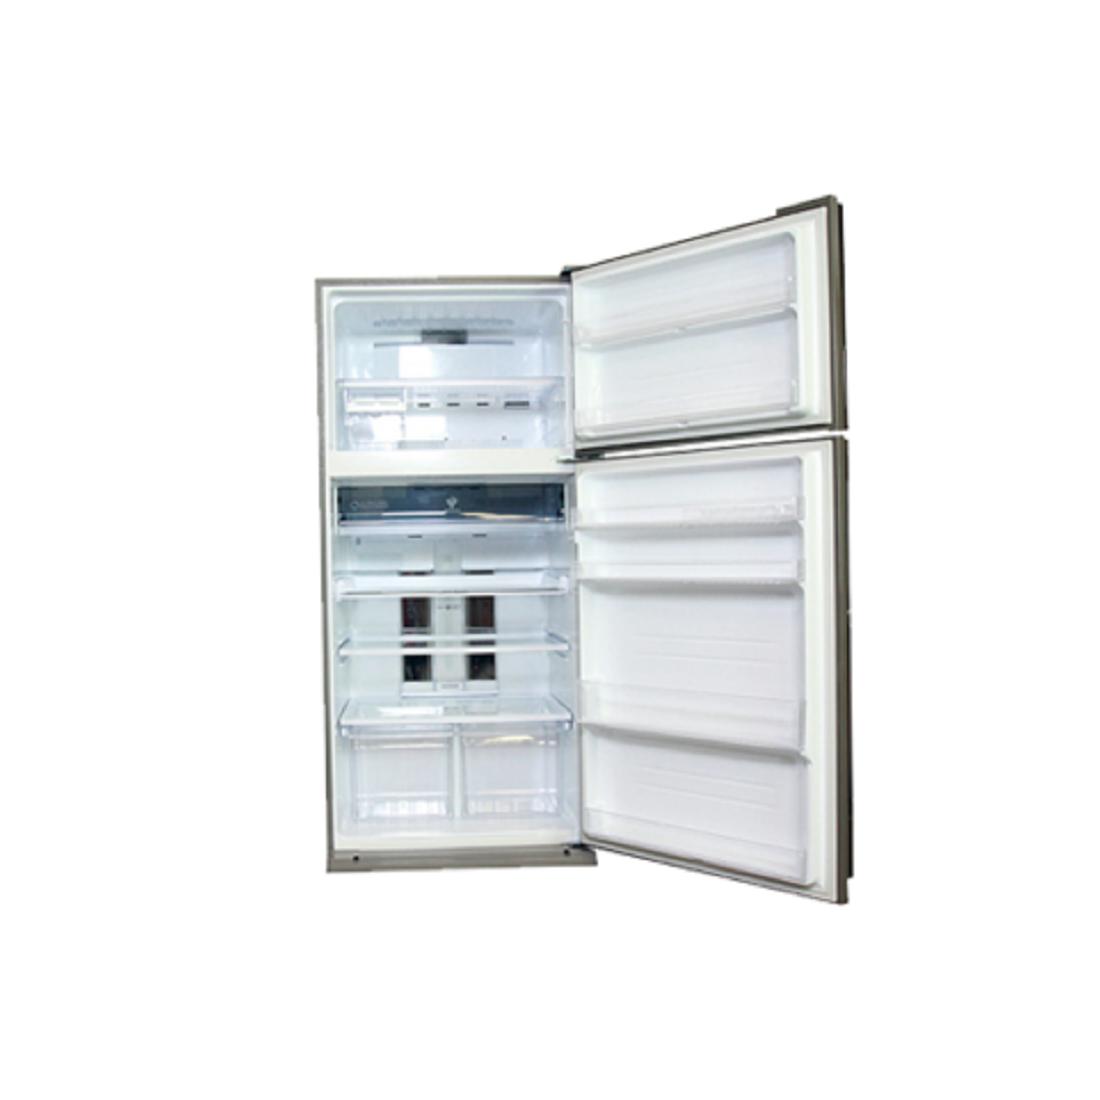 Tủ lạnh Sharp 585 lít SJ-XP590PG-SL-Thế giới đồ gia dụng HMD